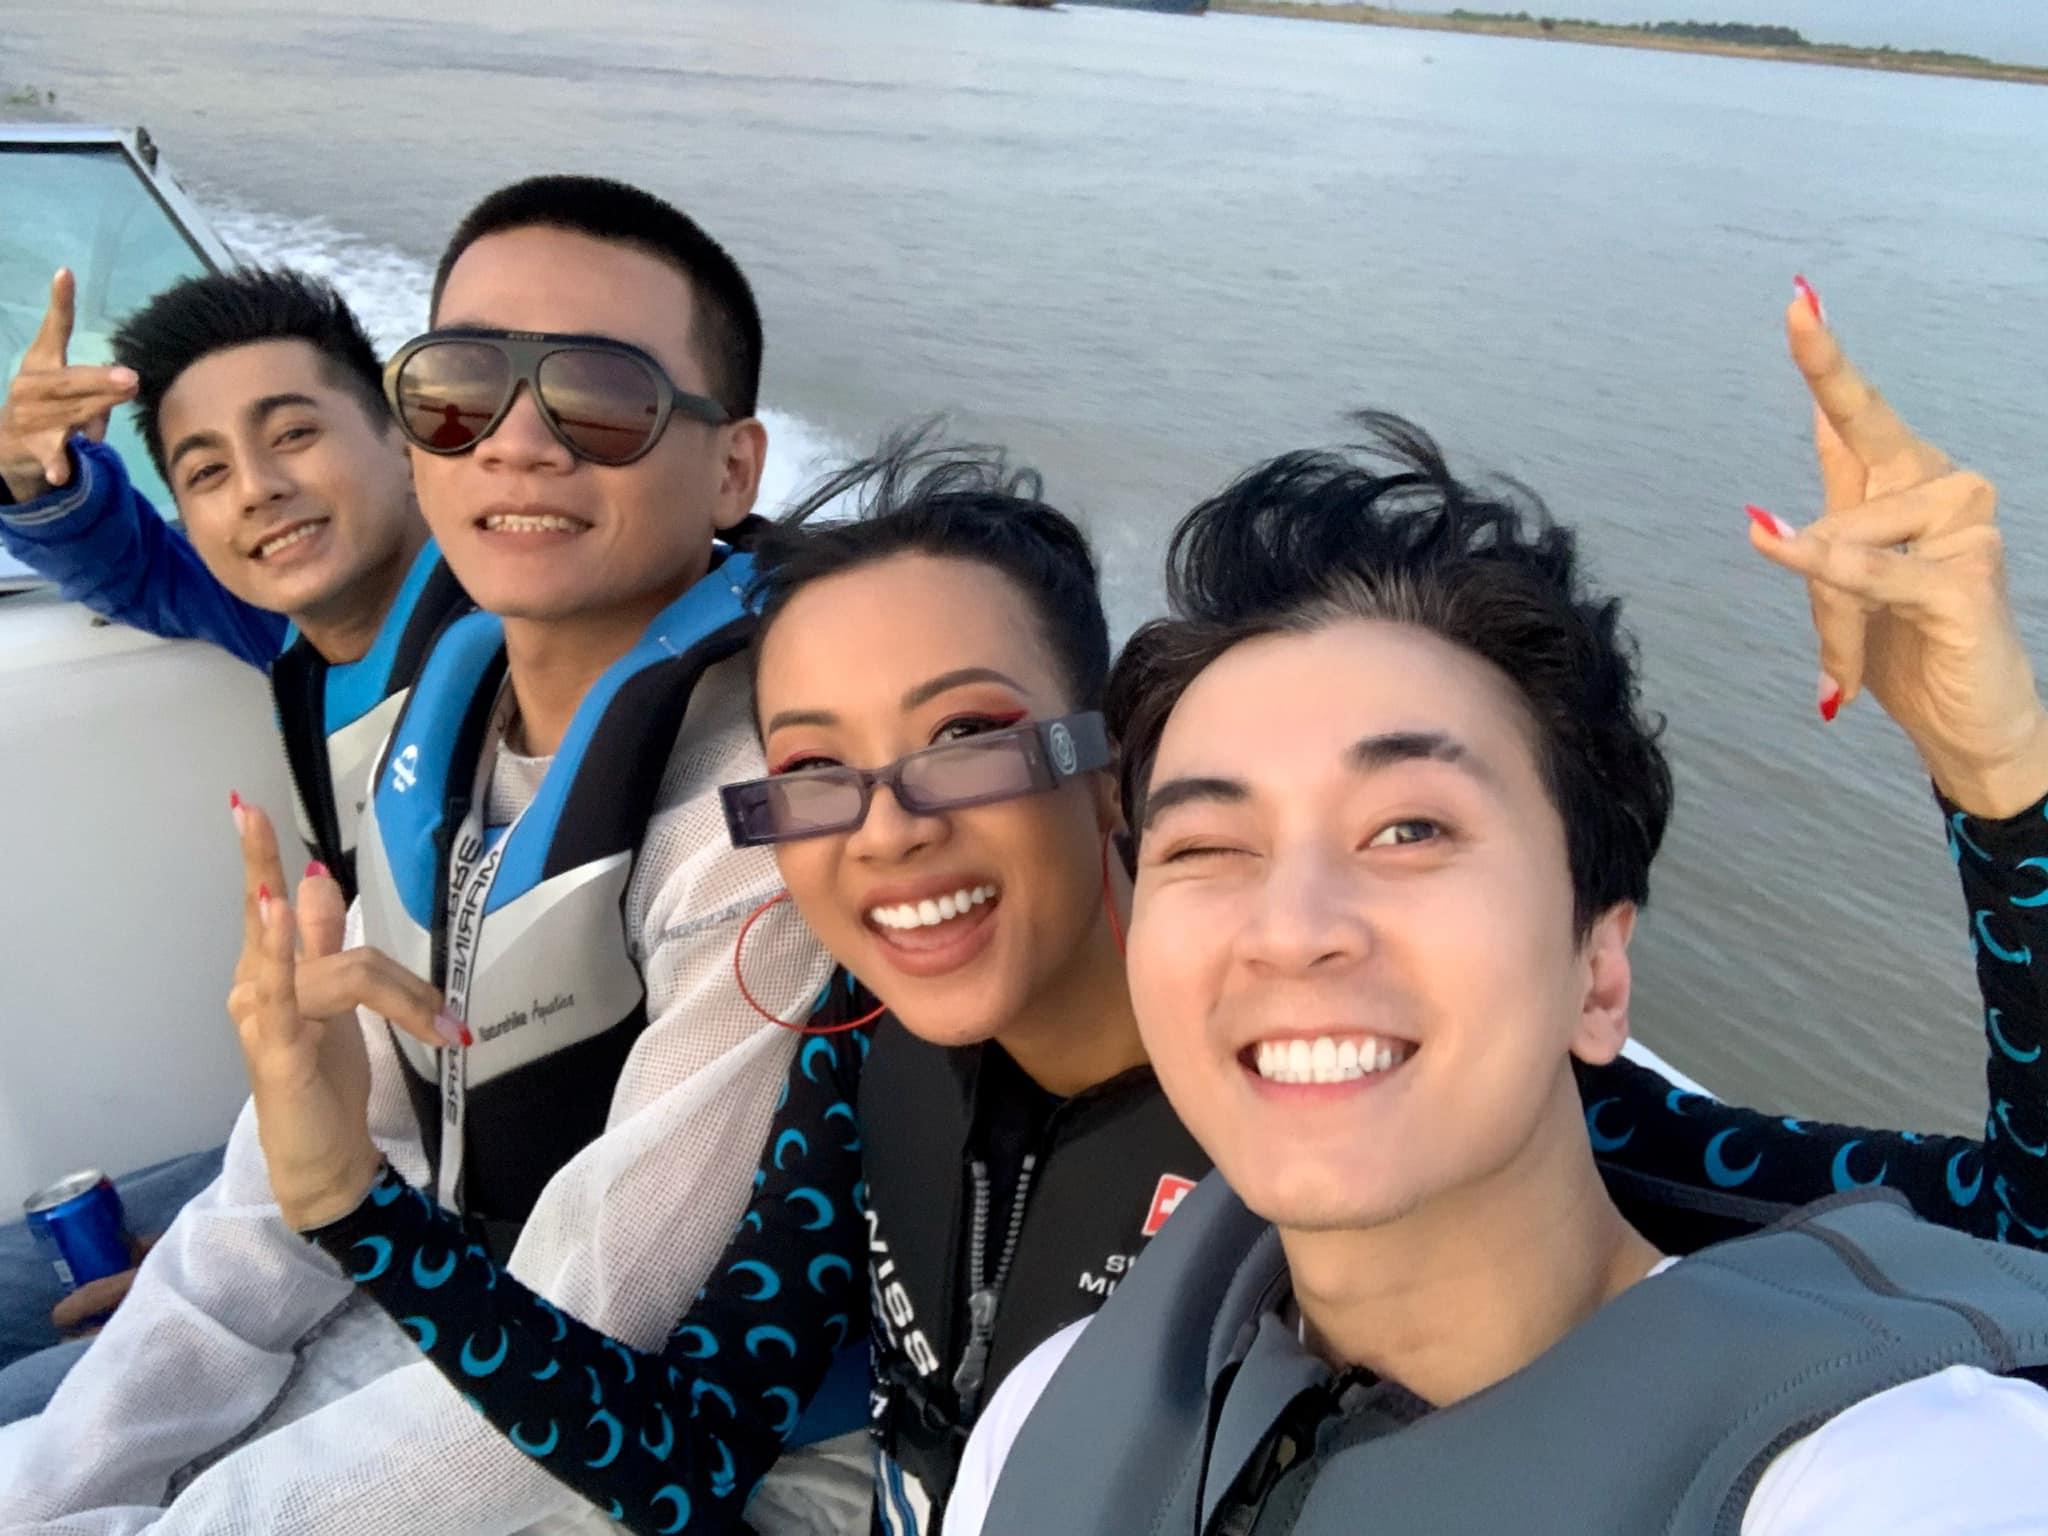 Bộ ba HLV Wowy, Karik, Suboi lần đầu tái hợp sau Chung kết Rap Việt